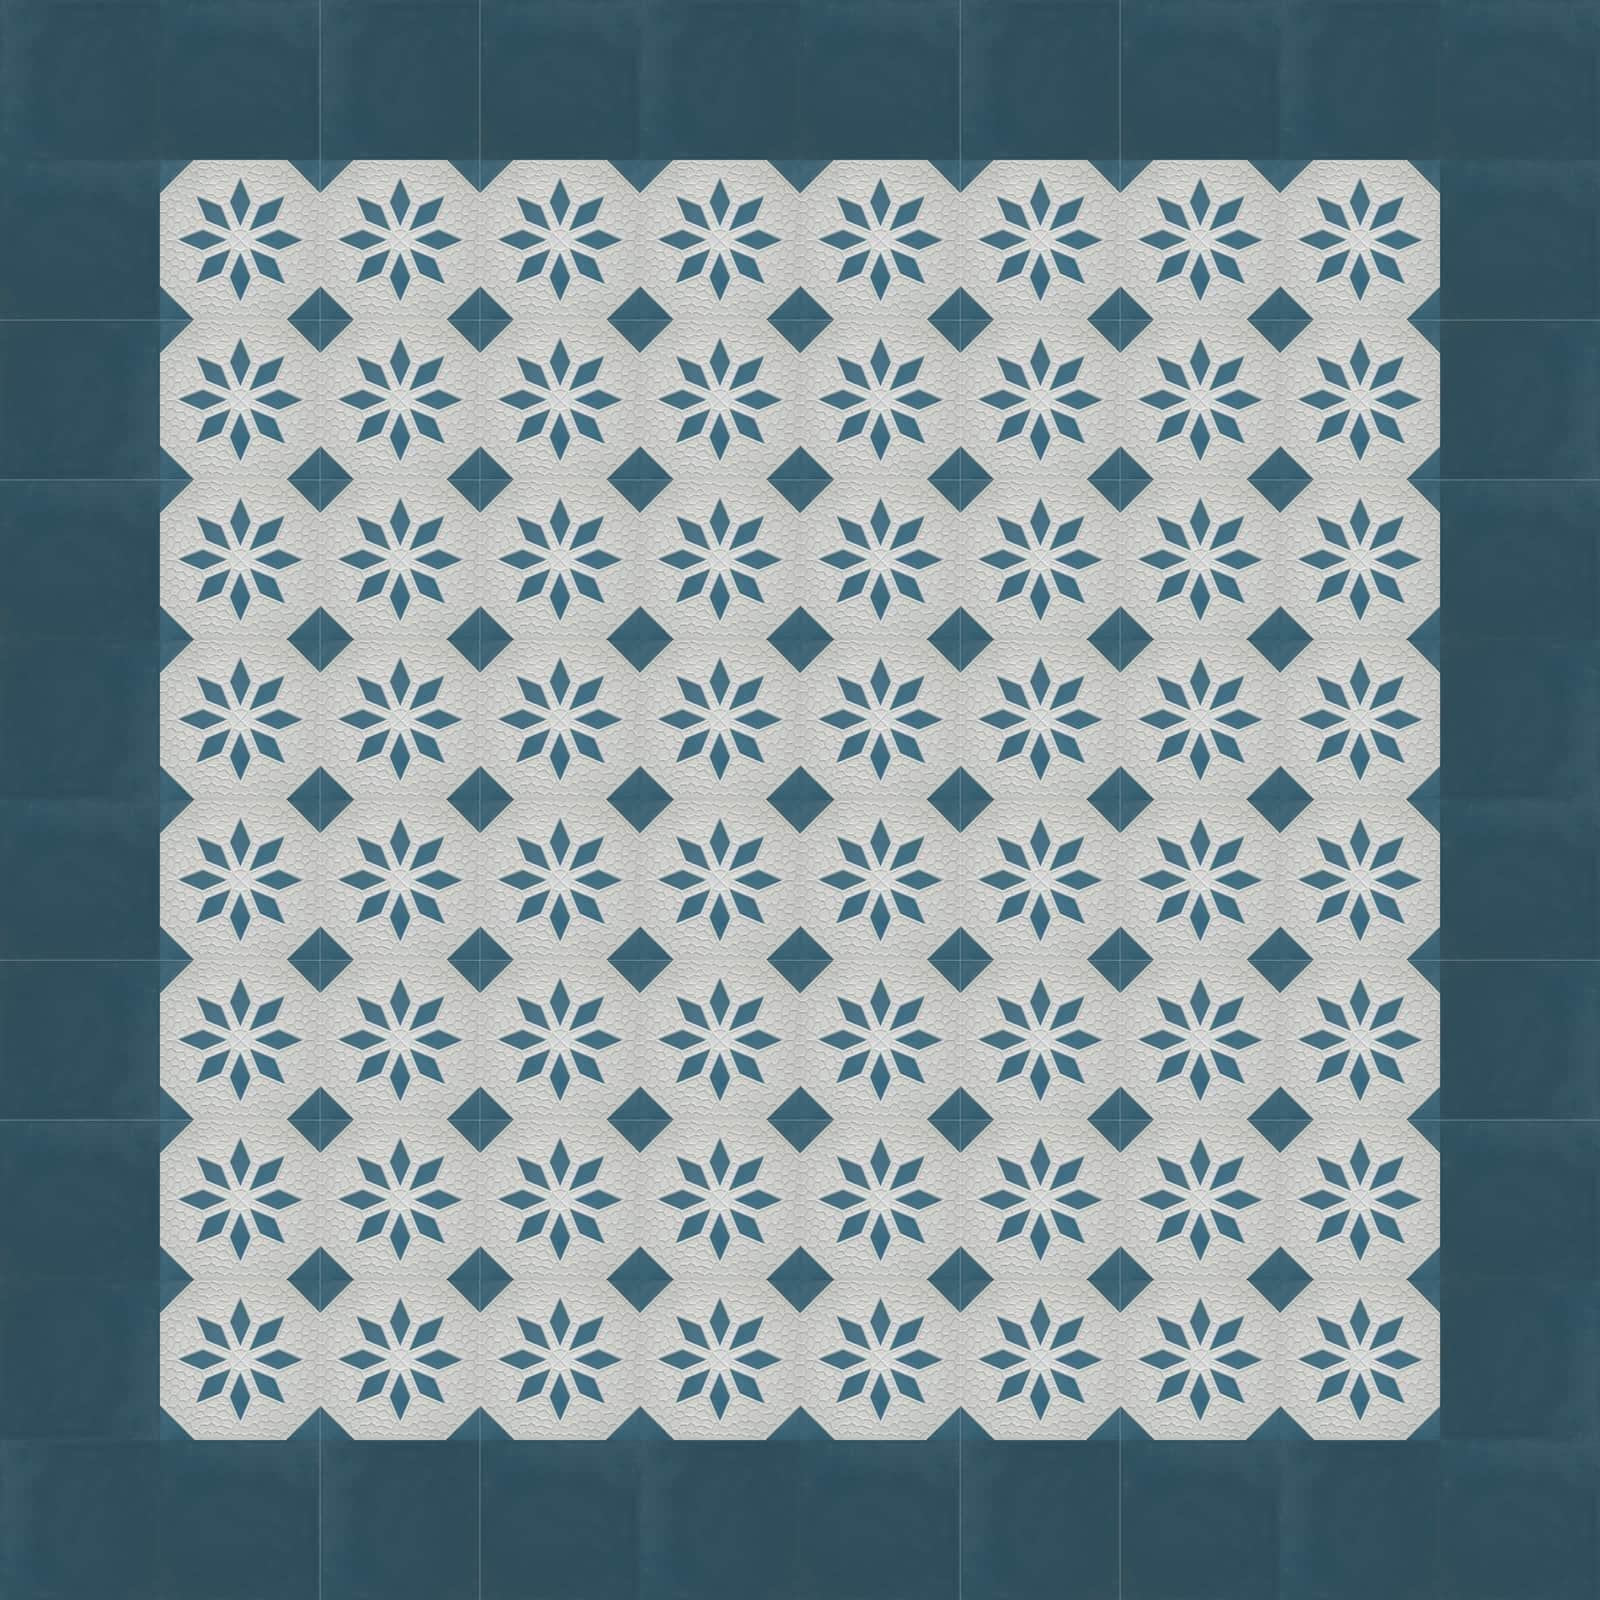 zementfliesen-terrazzofliesen-kreidefarbe-terrazzo-fugenlos-viaplatten-40143-verlegemuster | 40143